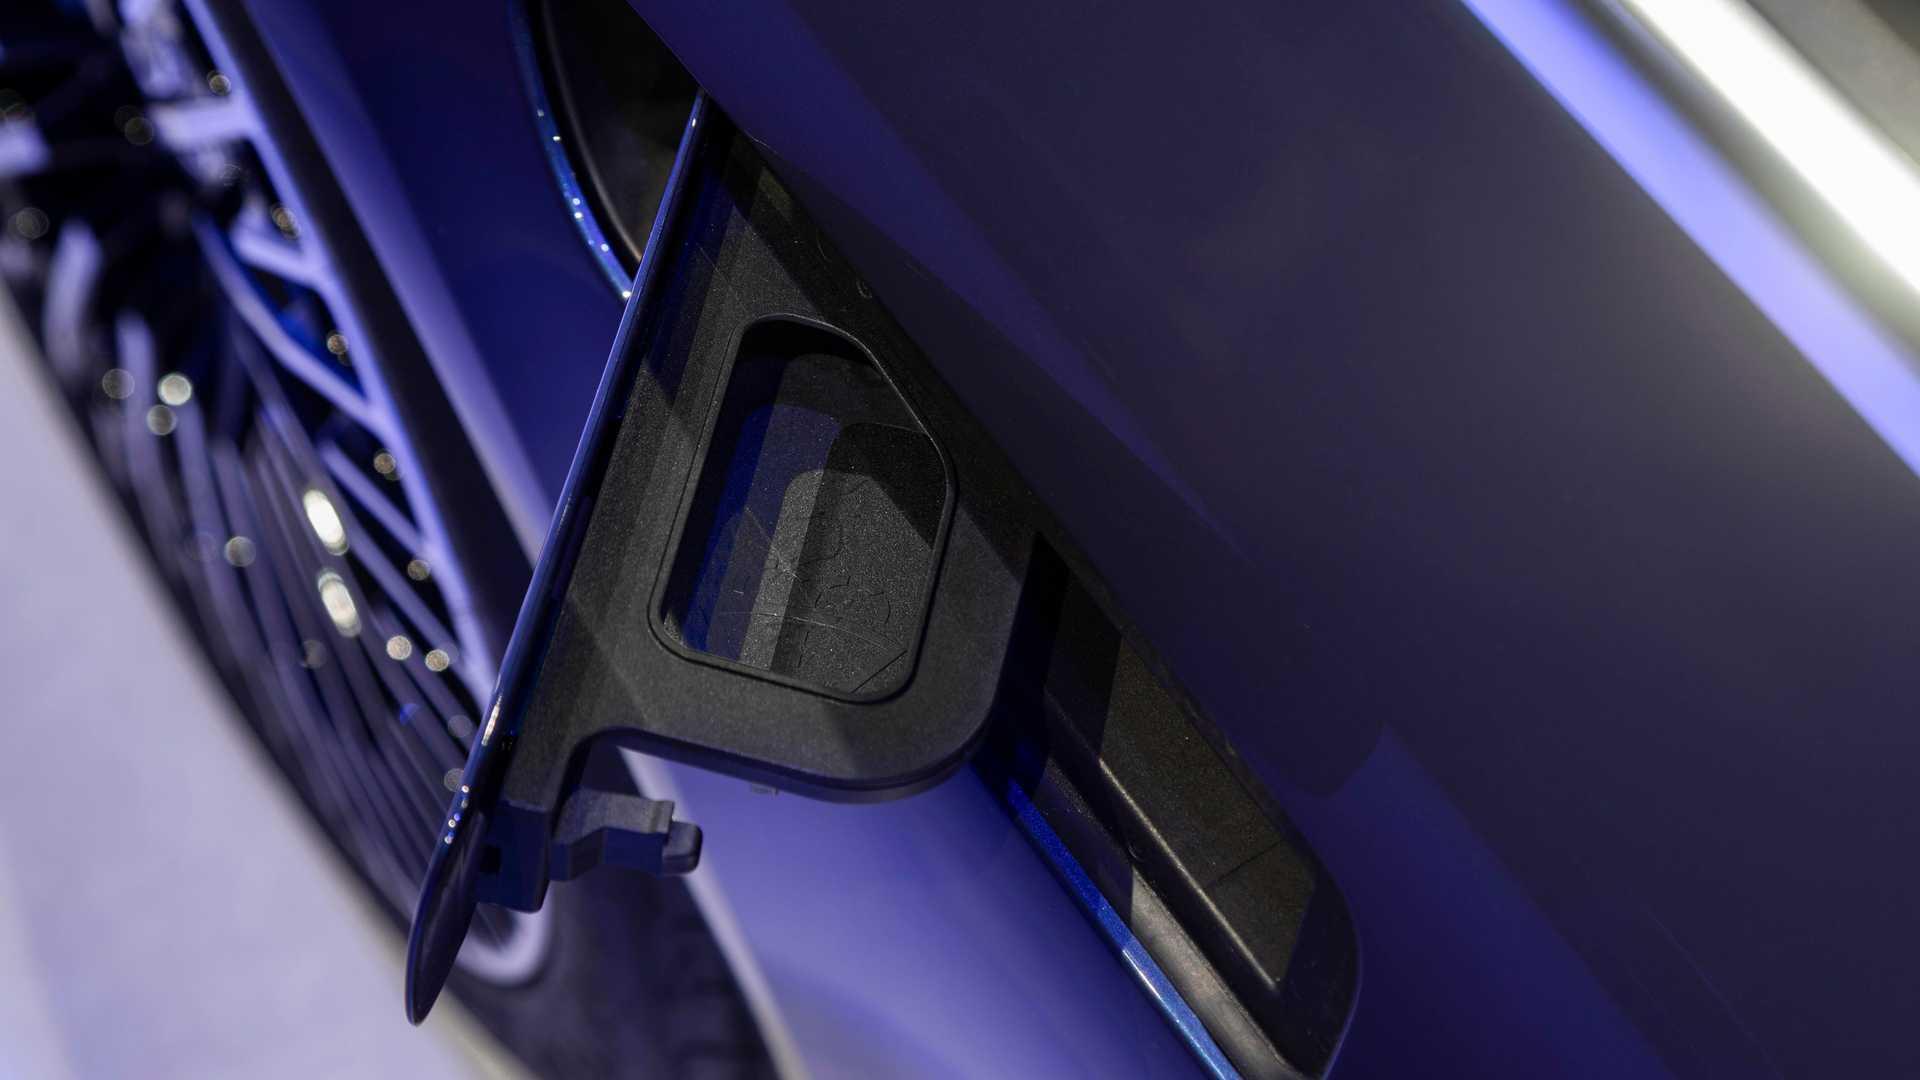 Лючок на крыле Mercedes-Benz EQS оказался заливной горловиной